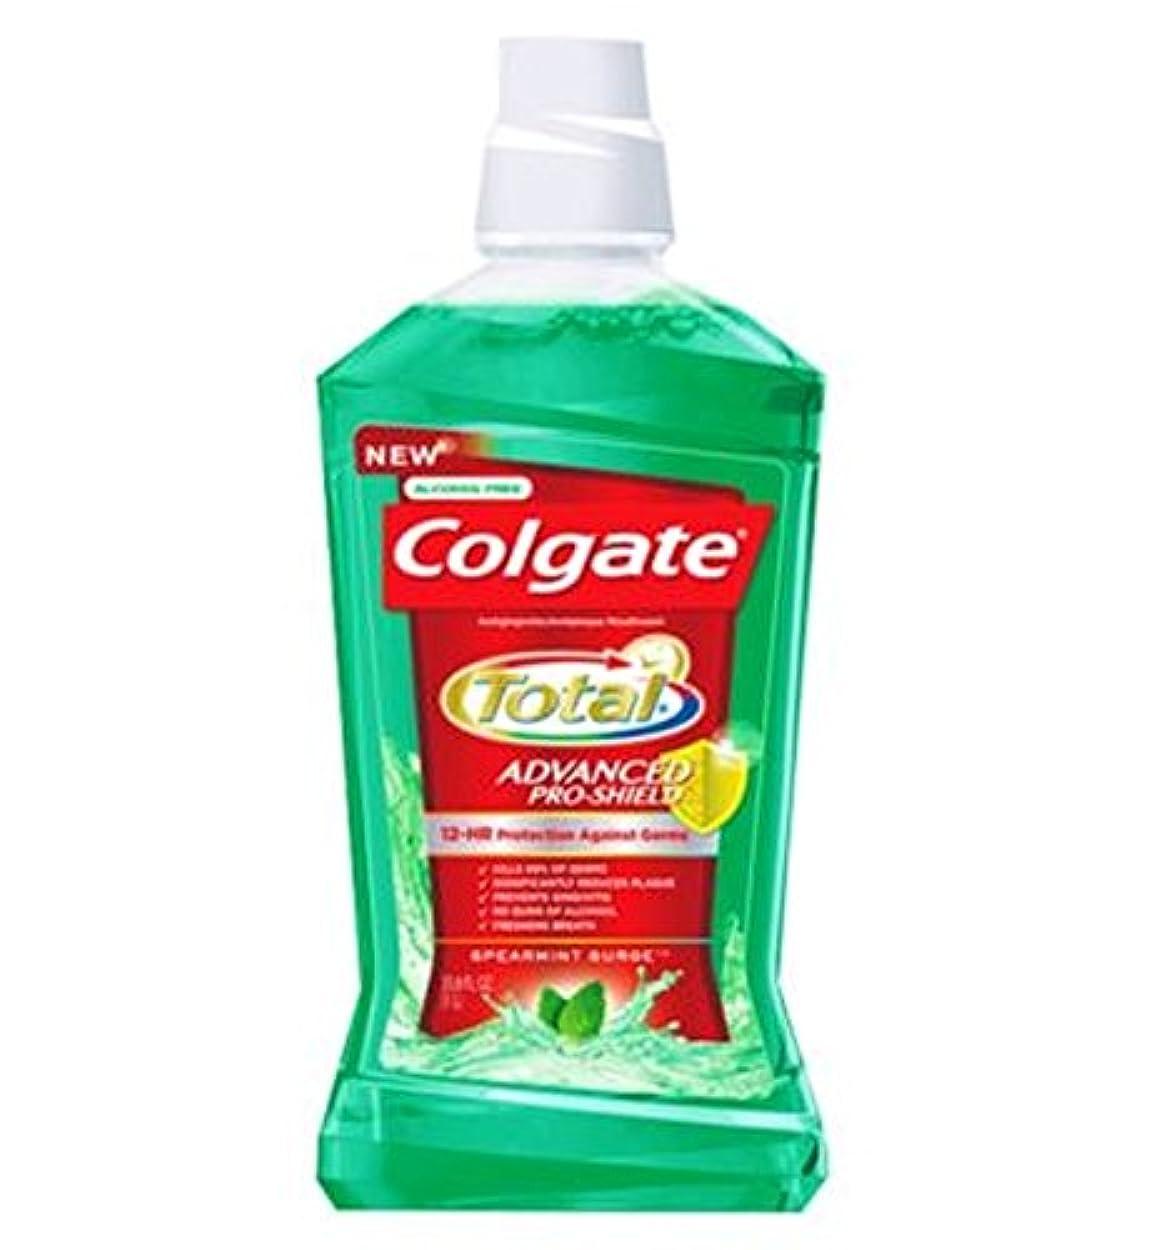 ペット降ろすオアシスコルゲートの口内洗浄剤の合計緑500ミリリットル (Colgate) (x2) - Colgate Mouthrinse Total Green 500ml (Pack of 2) [並行輸入品]